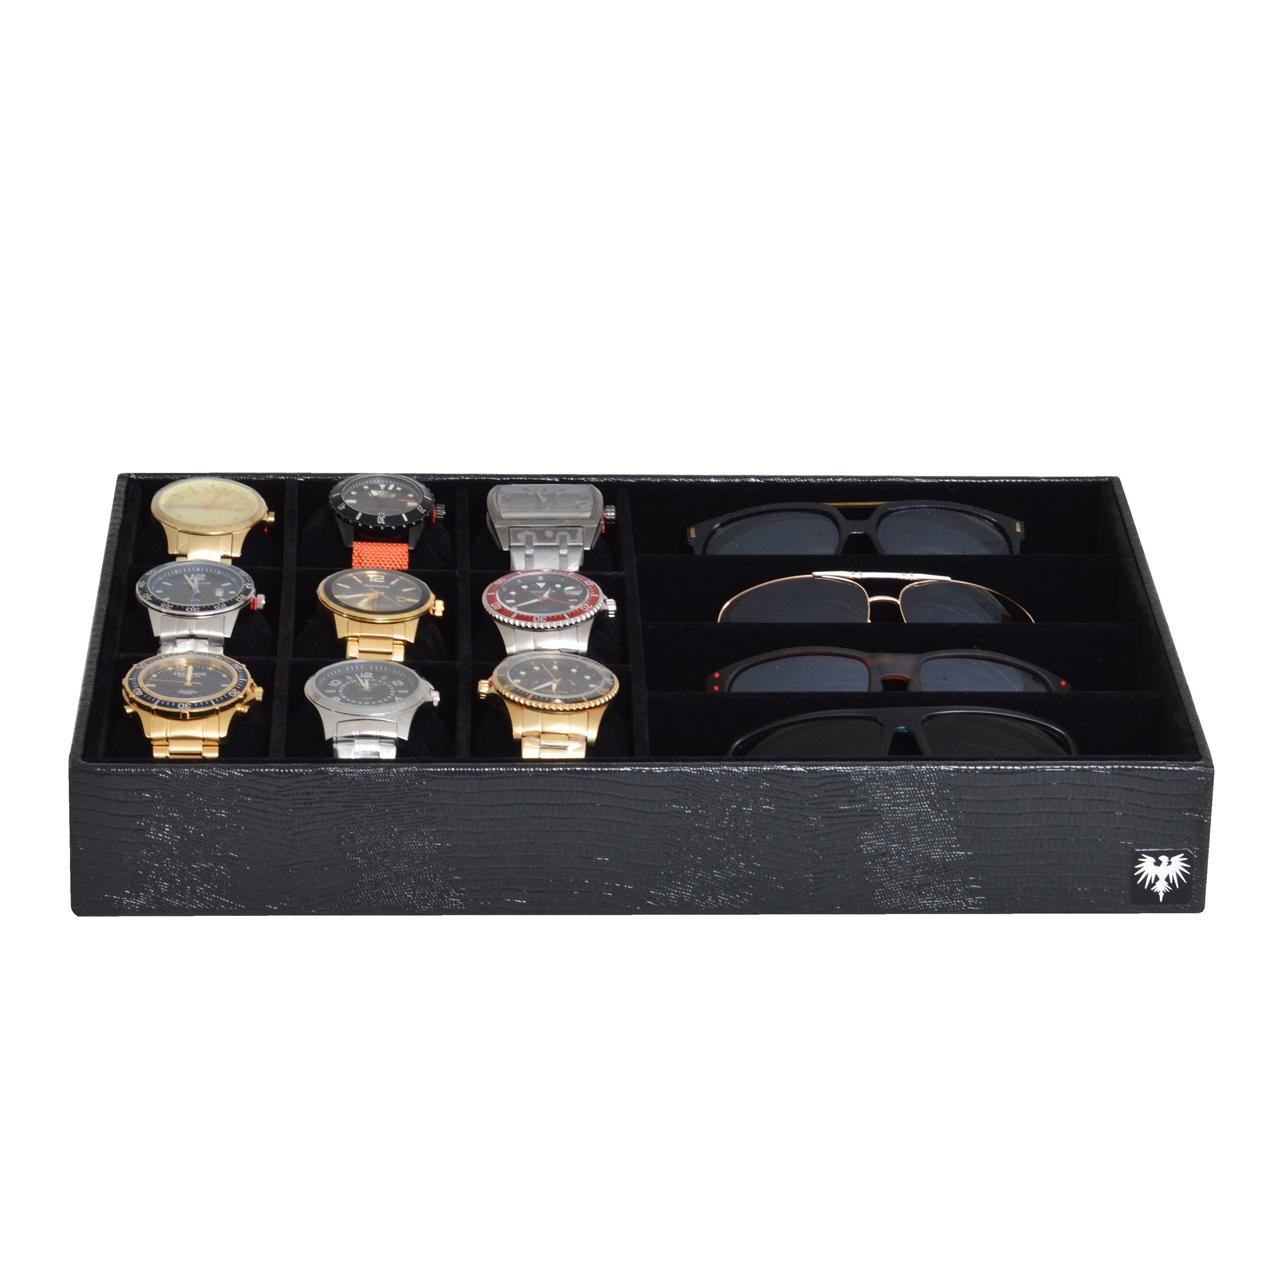 bandeja-couro-ecologico-9-relogios-4-oculos-preto-preto-porta-imagem-4.jpg